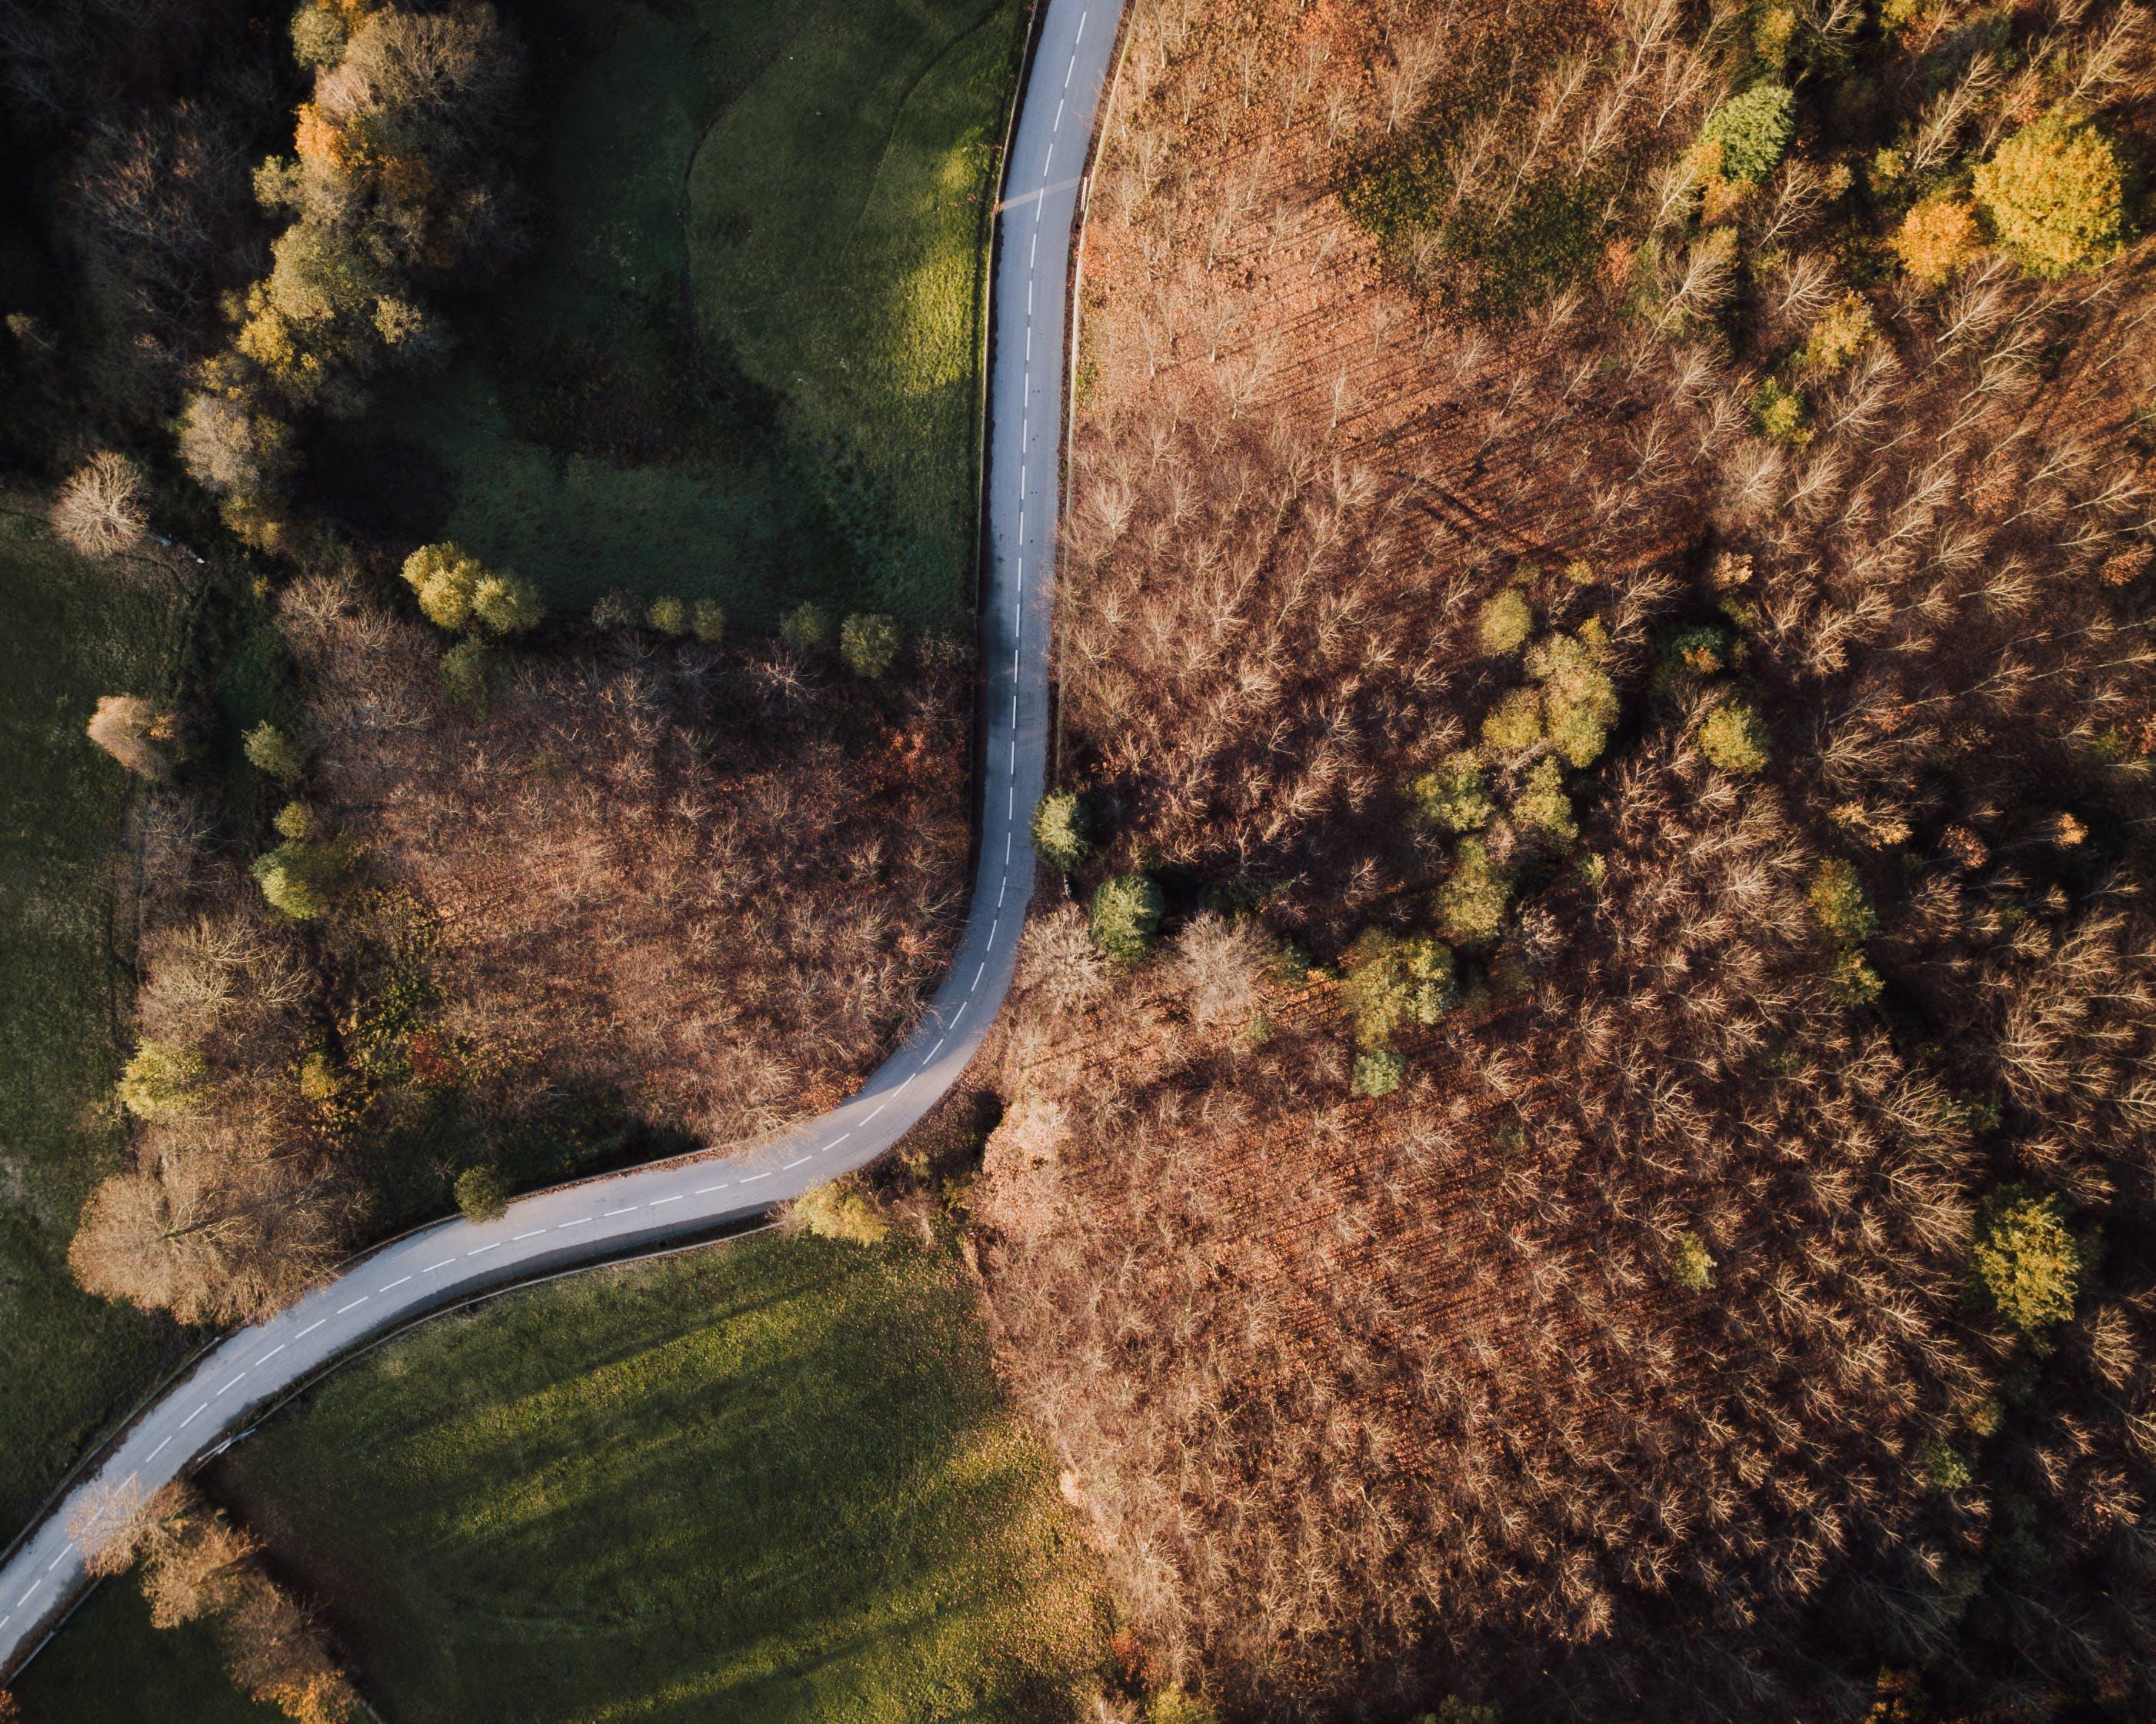 Kostenloses Stock Foto zu bäume, boden, farben, gras